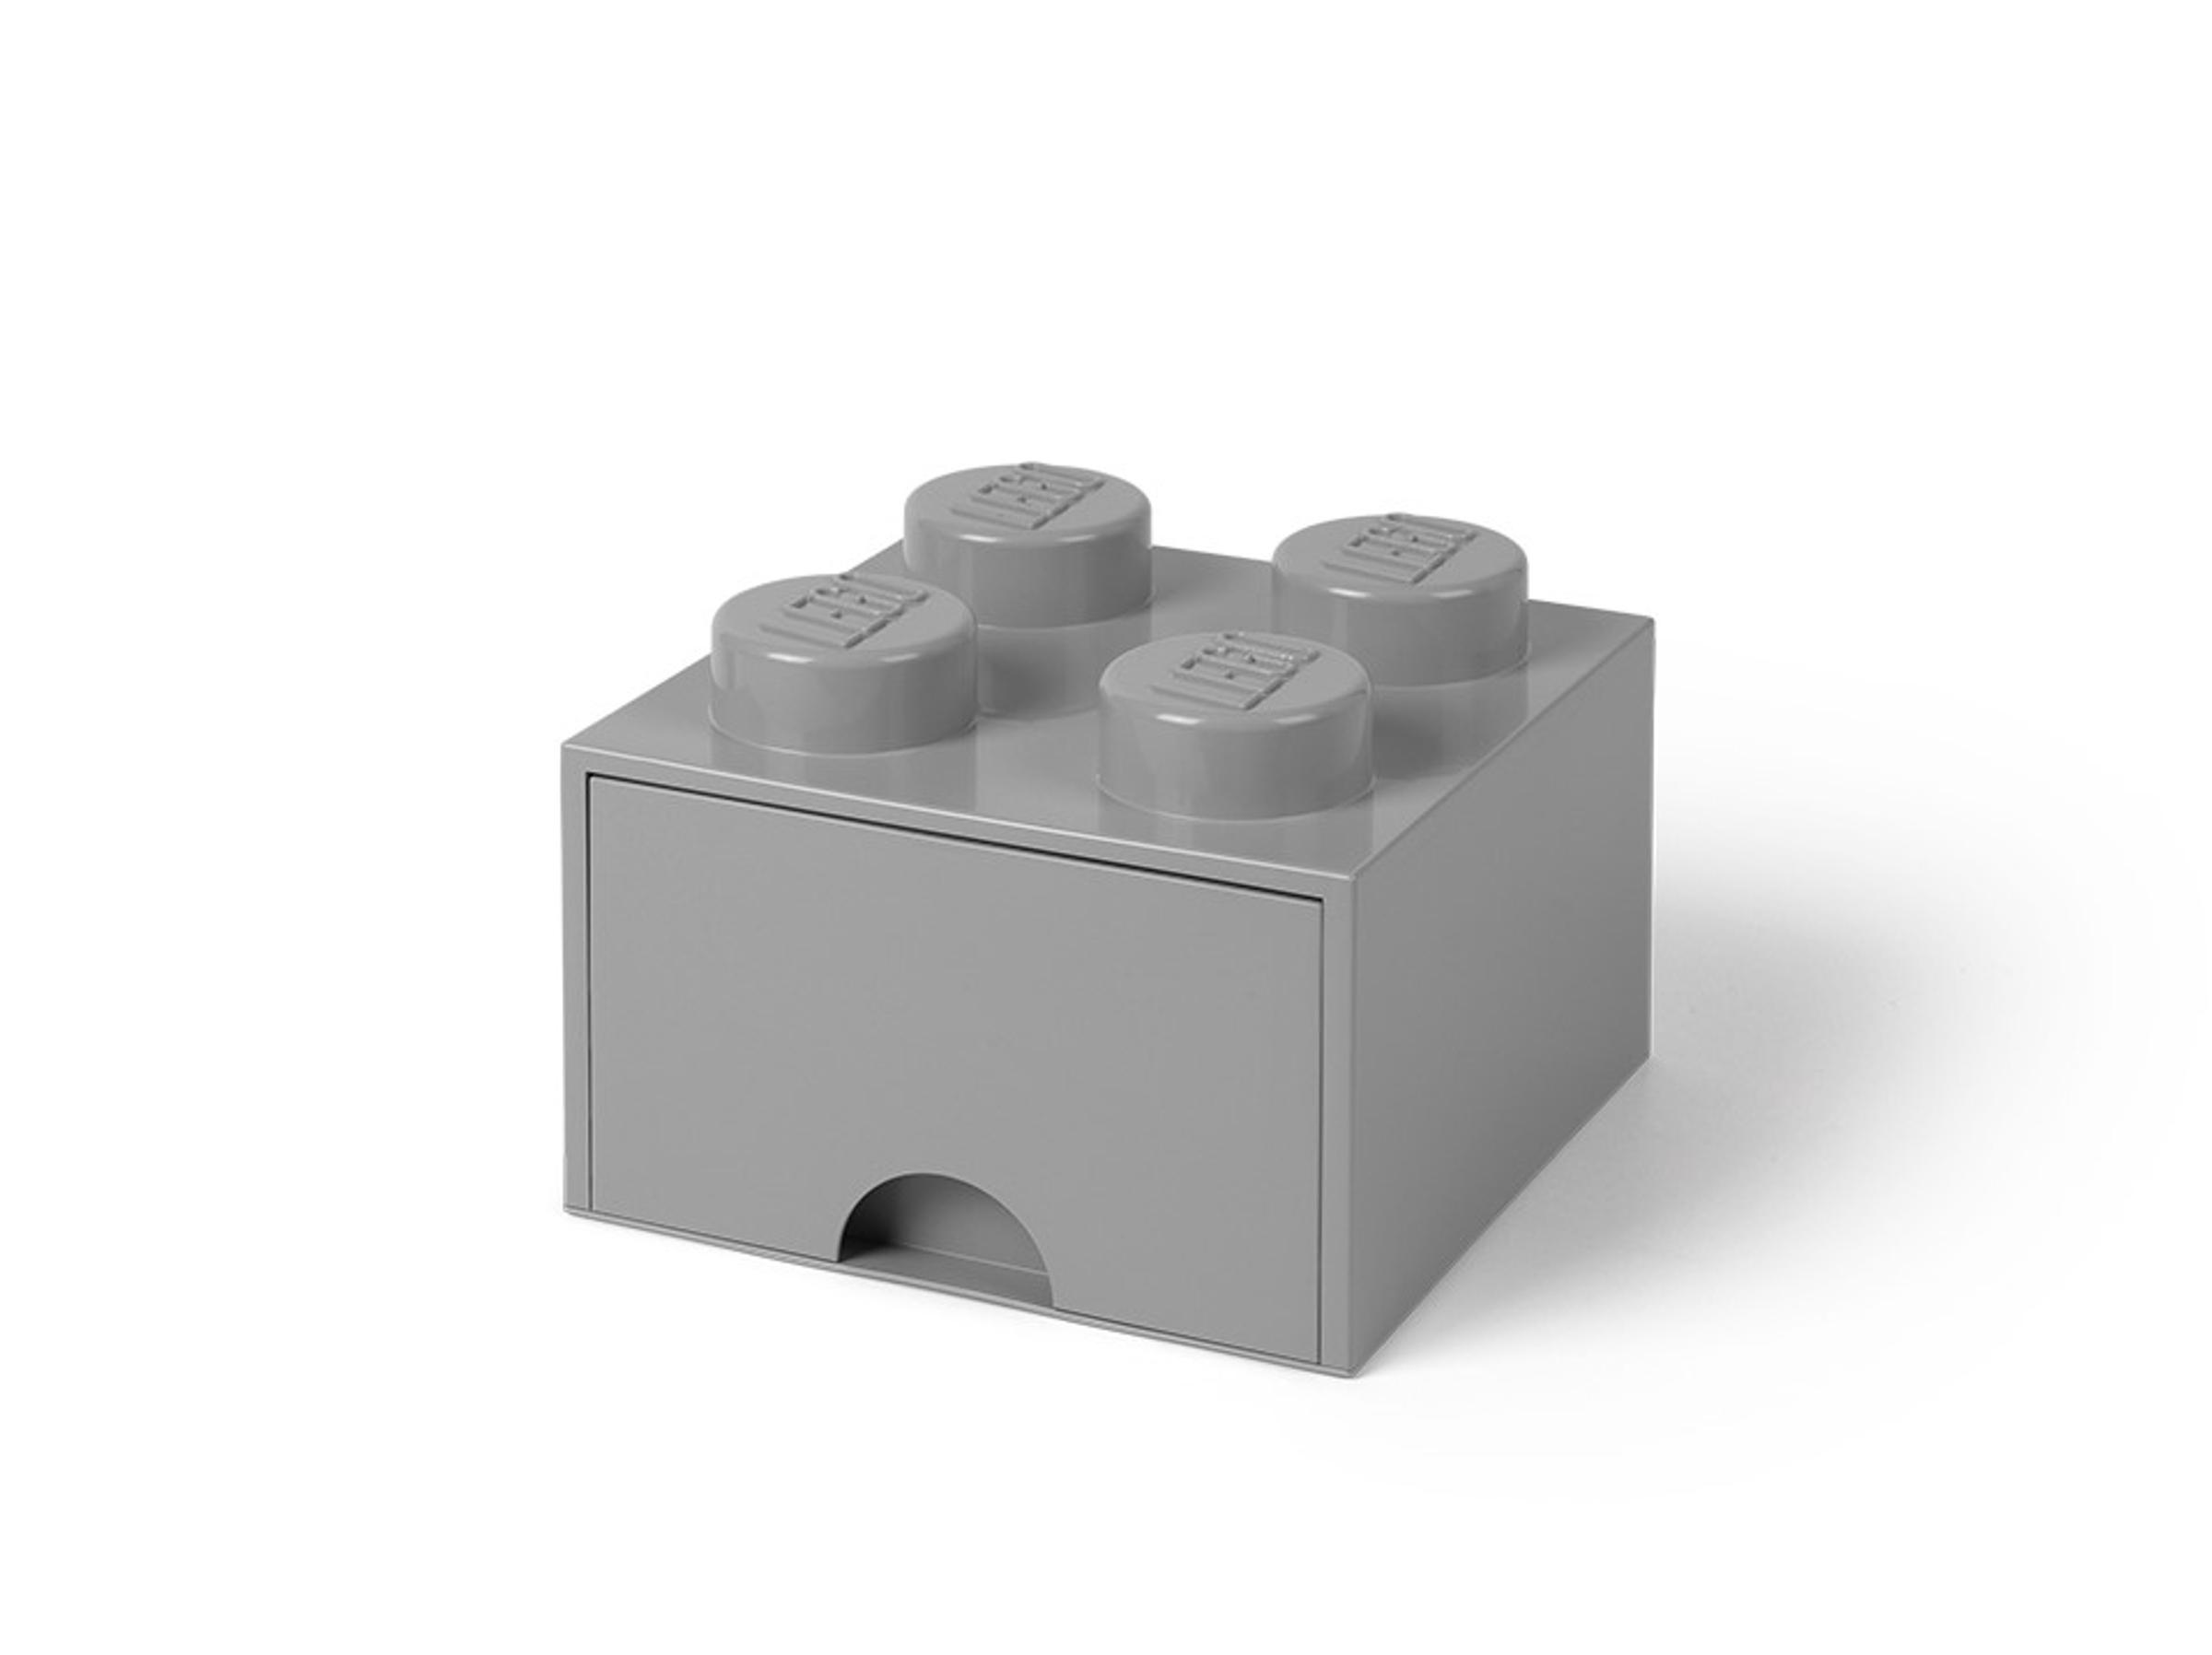 pudelko z szuflada w ksztalcie szaroblekitnego klocka lego 5005713 z 4 wypustkami